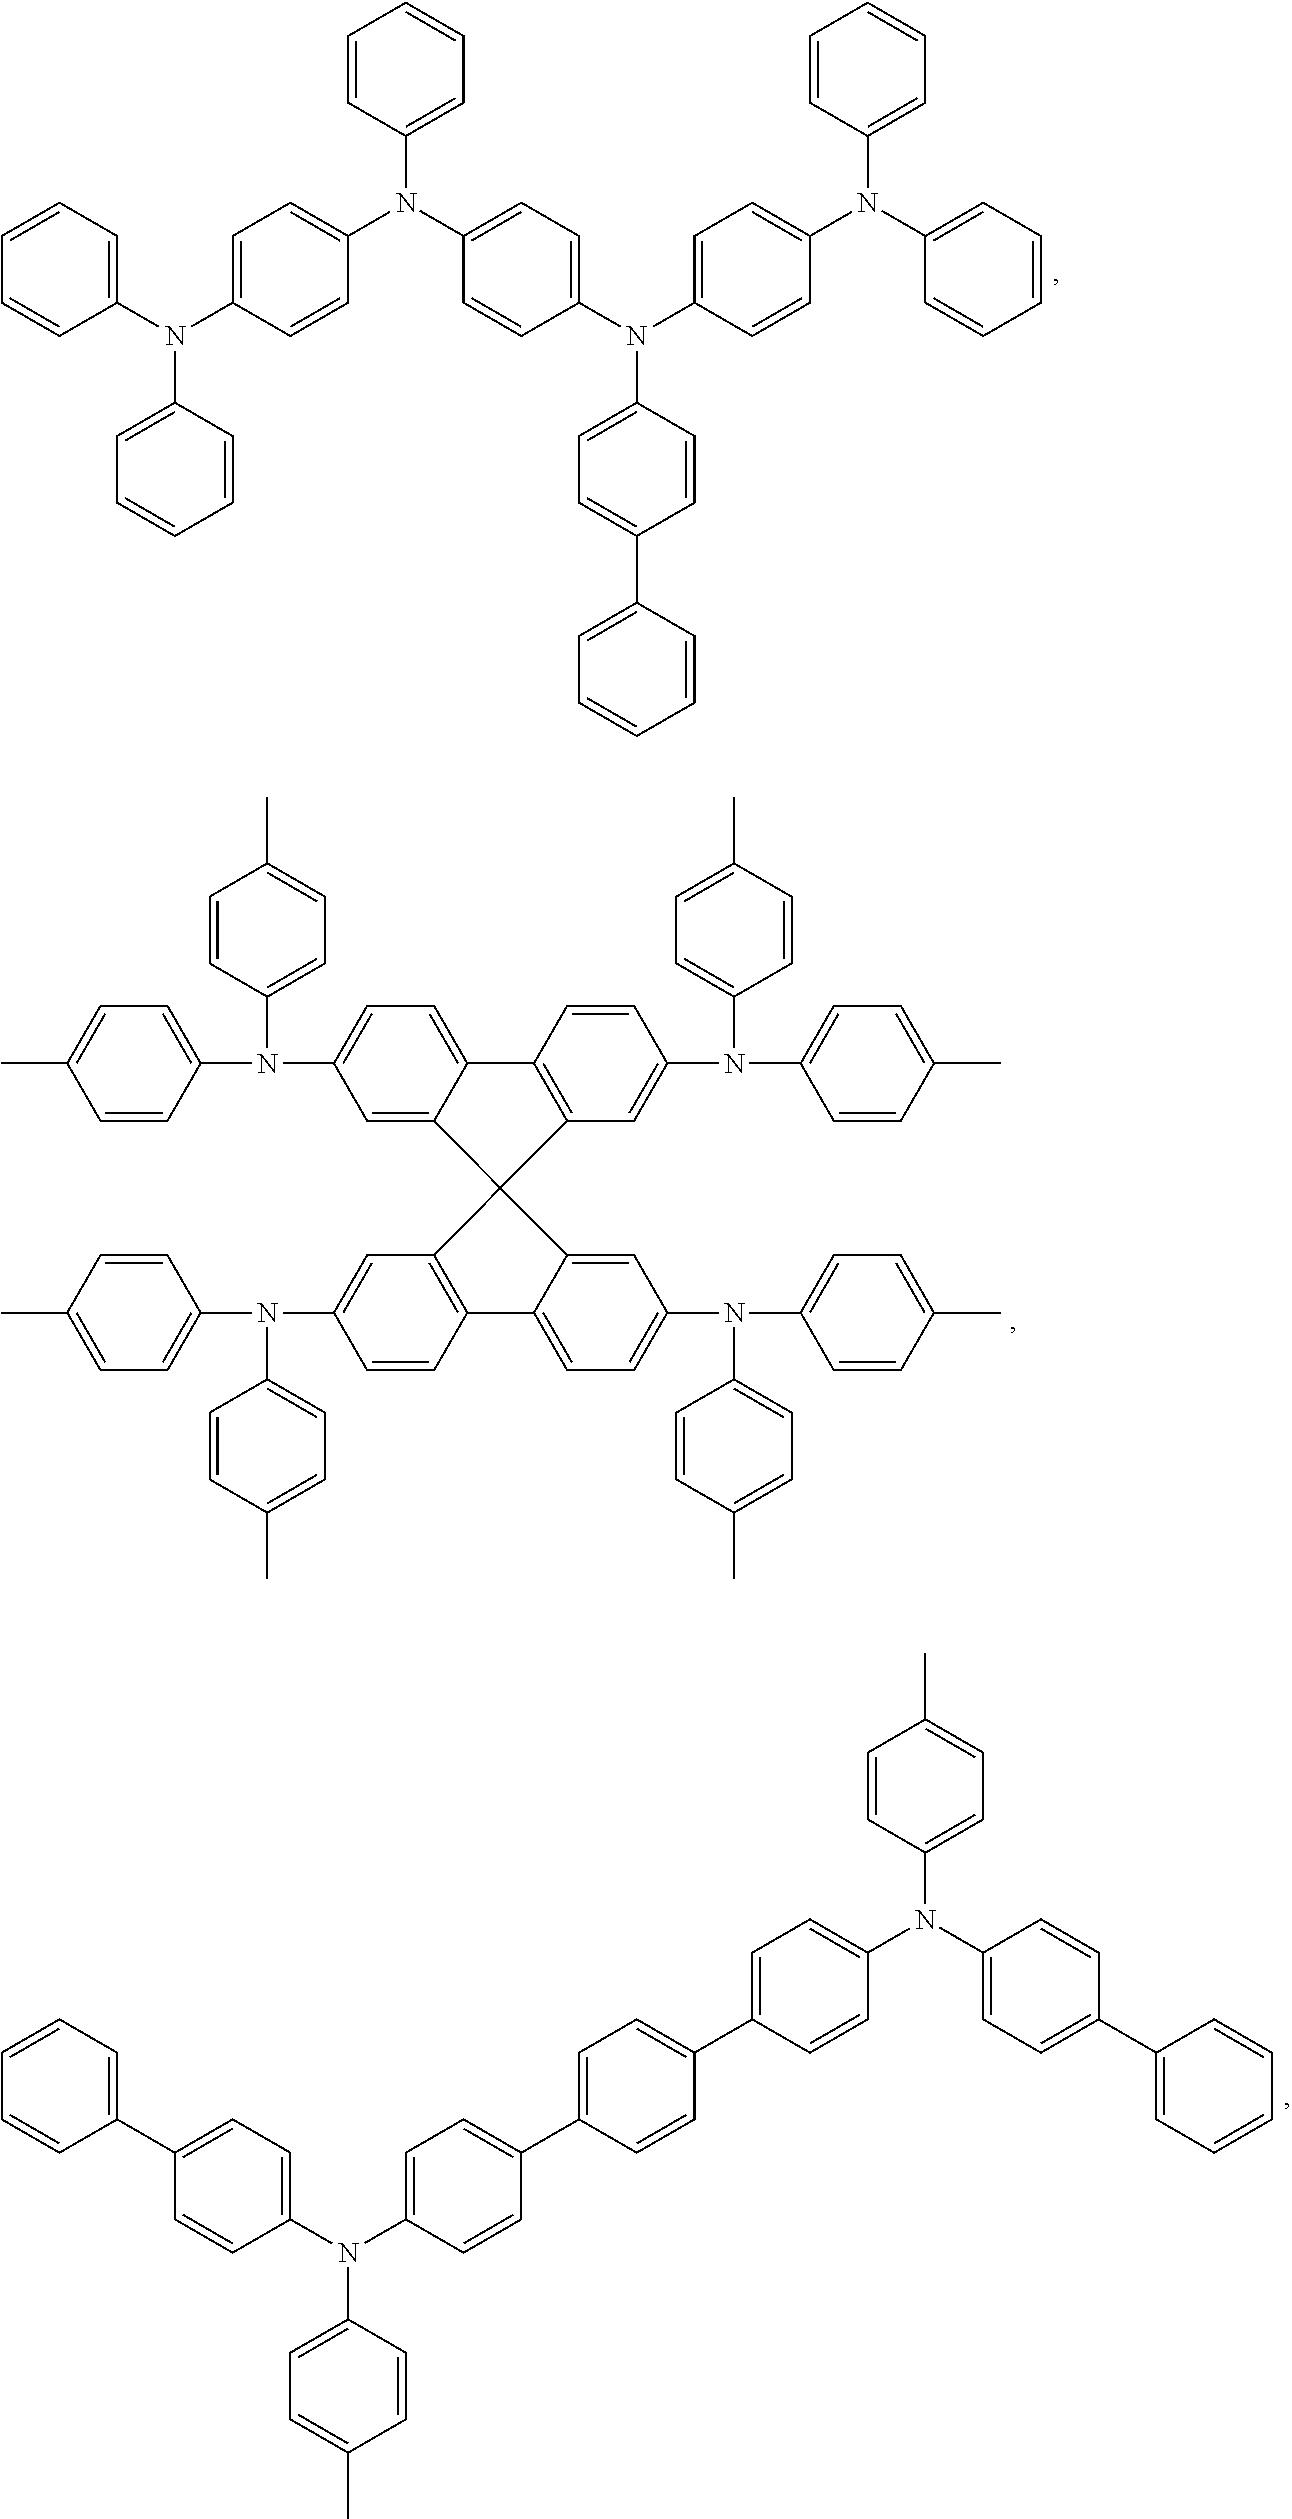 Figure US20190161504A1-20190530-C00026